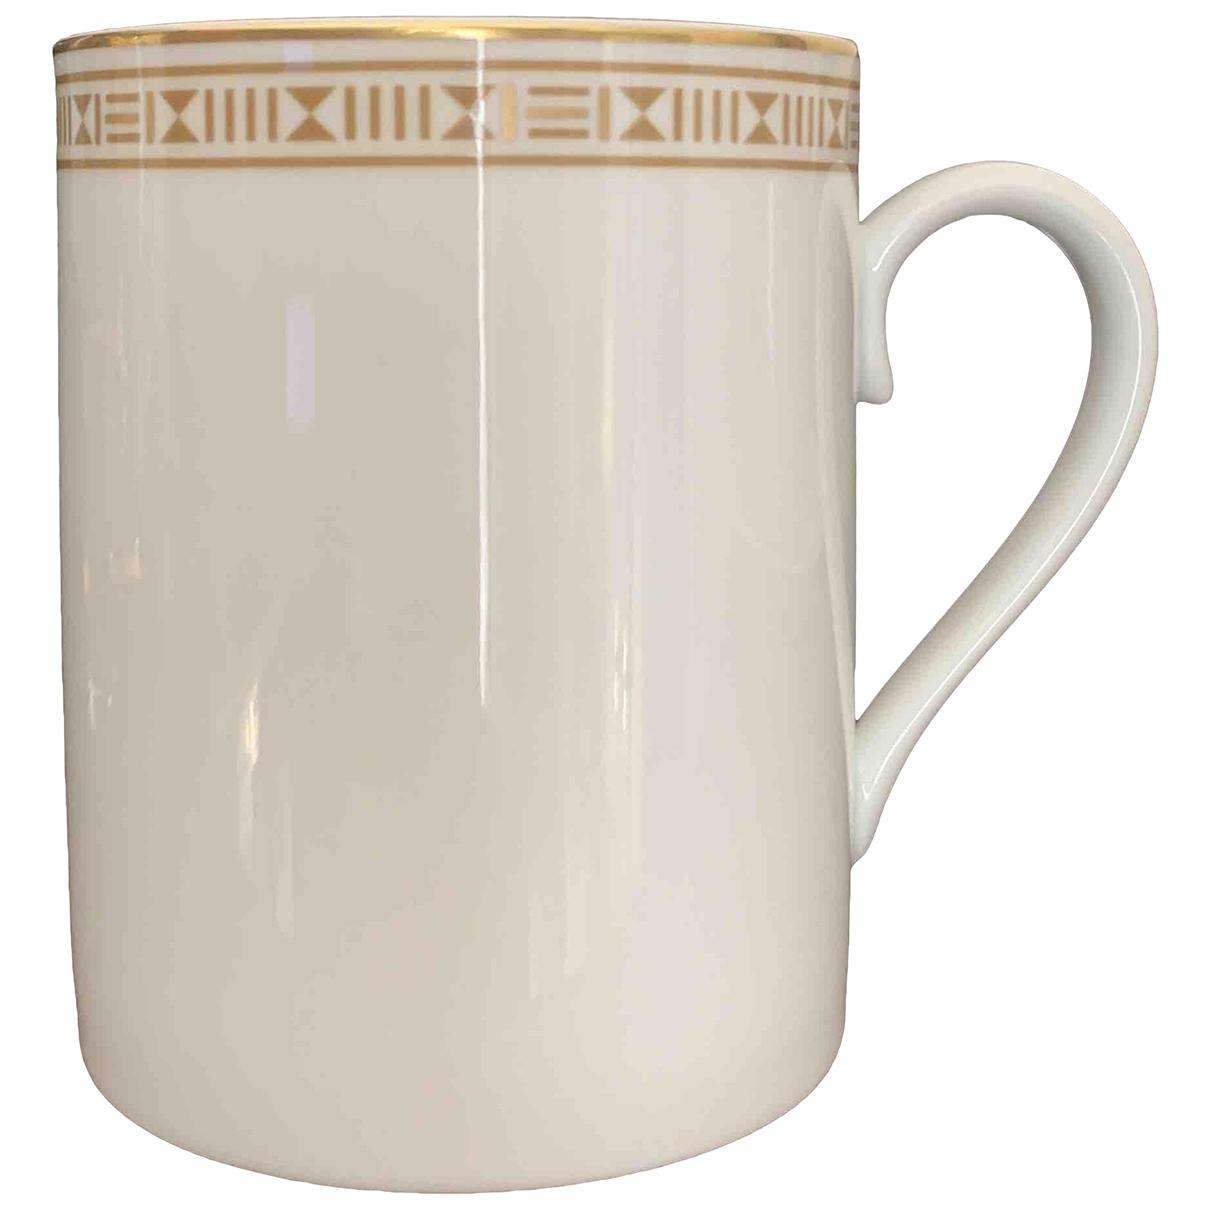 Hermes - Arts de la table   pour lifestyle en porcelaine - blanc